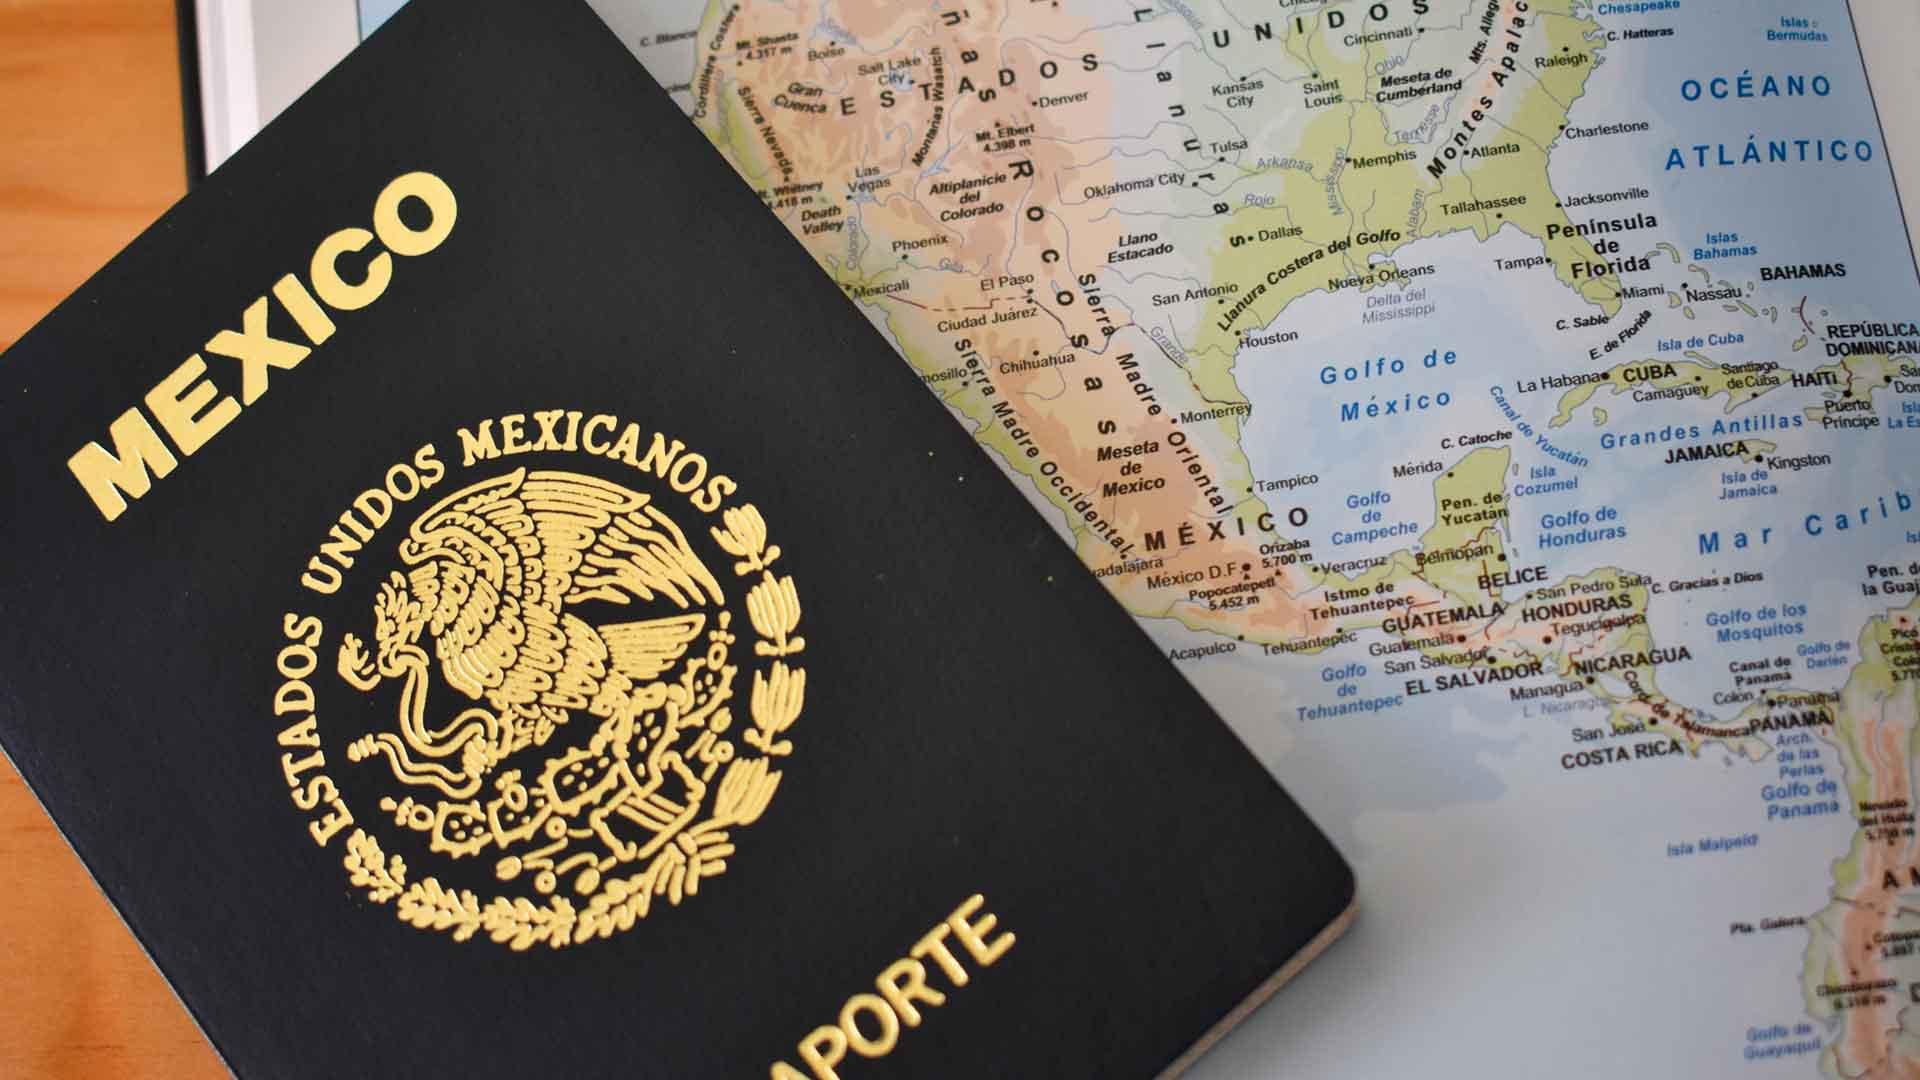 México expedirá pasaporte electrónico a partir de 2020